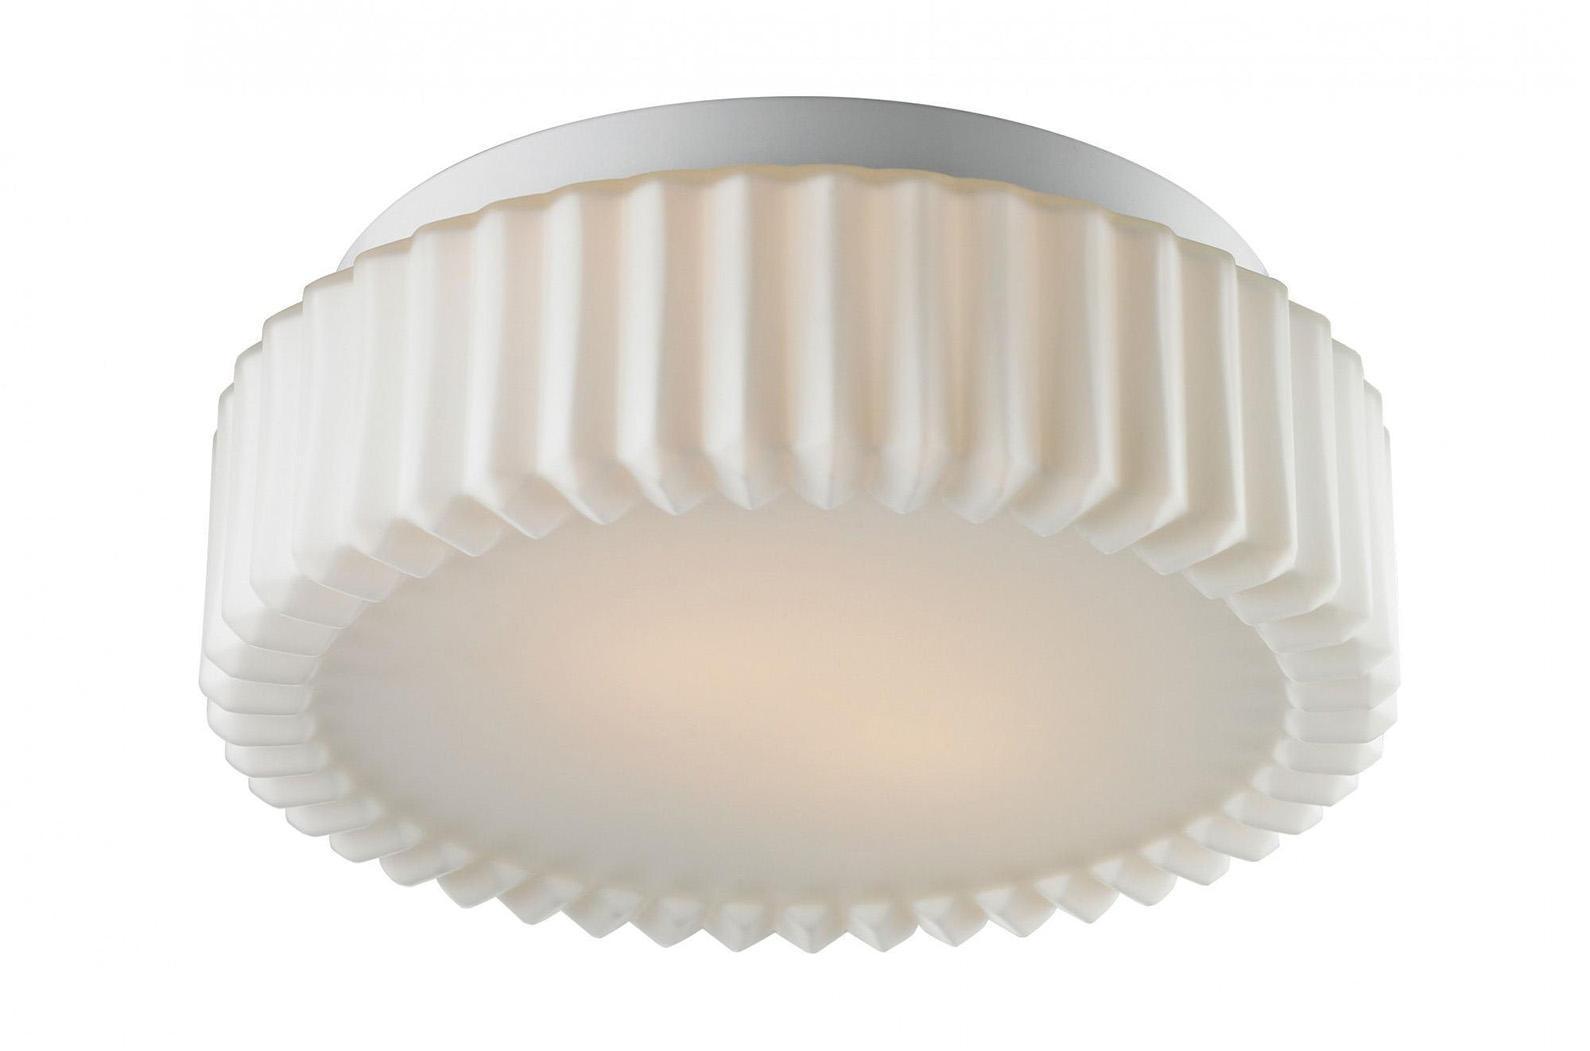 A5027PL-2WH AQUA Потолочный светильникA5027PL-2WHA5027PL-2WH AQUA Потолочный светильник 2xE27 60WМатериал: Арматура: Металл / Плафон: СтеклоЦвет: Арматура: Белый / Плафон: БелыйРазмер: 11x30x30